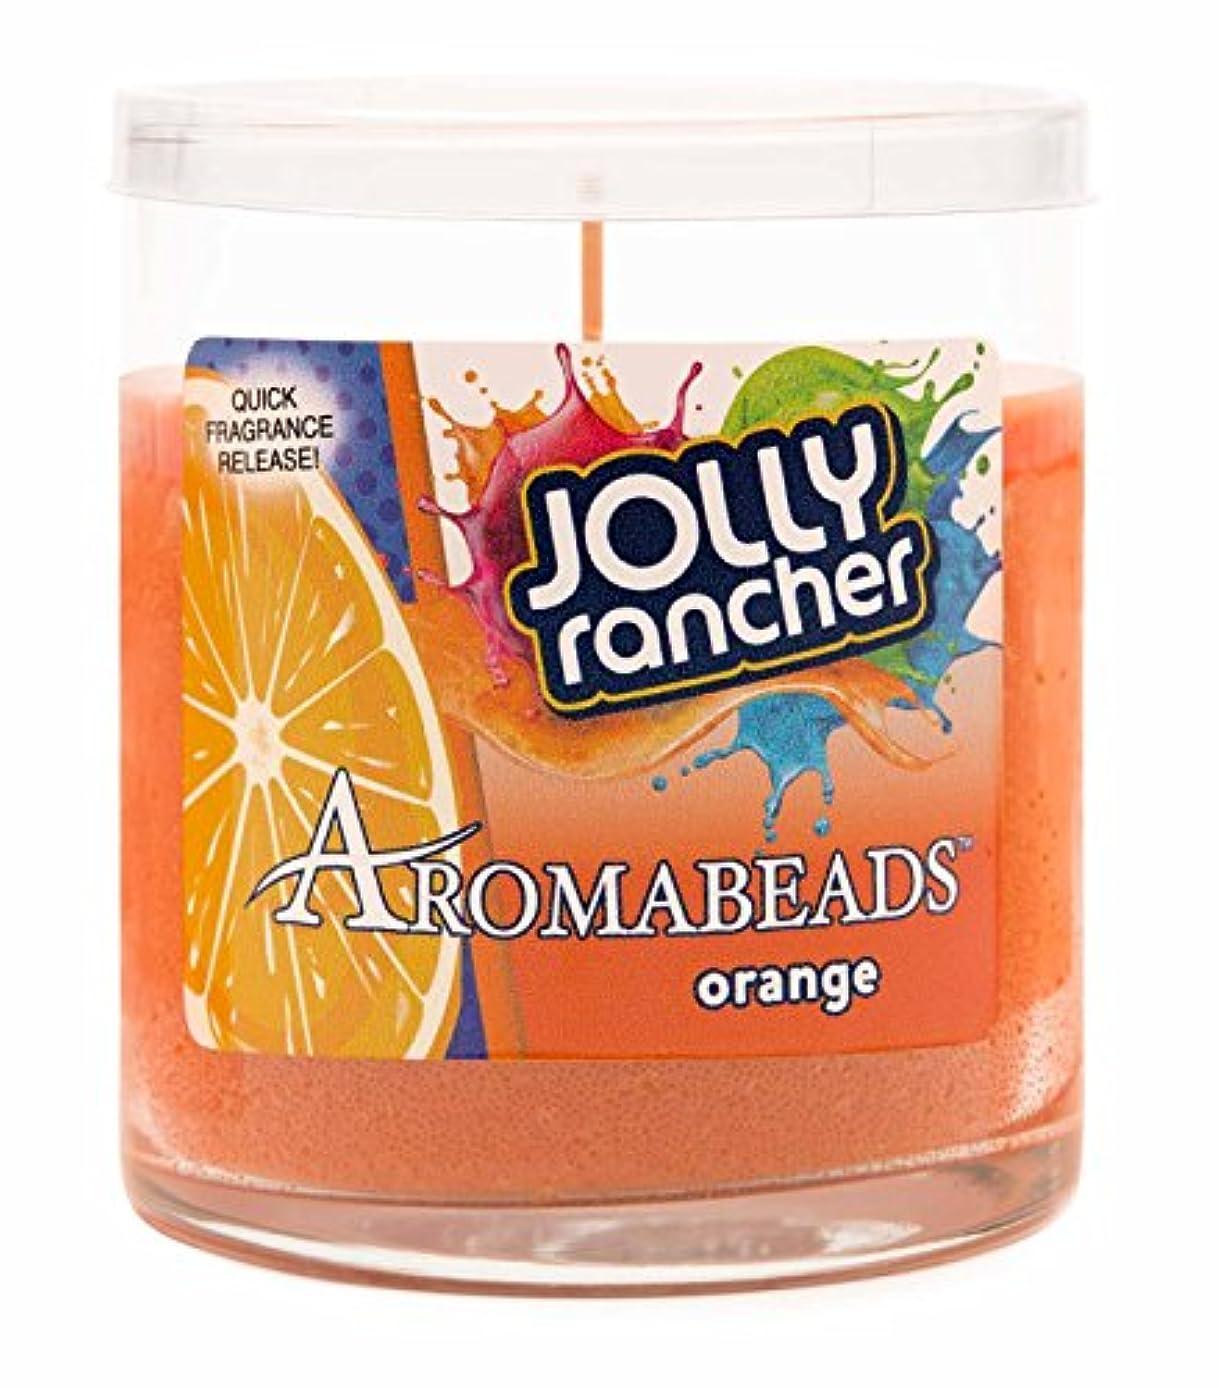 覚えている甘美な陰気Hanna 's Aromabeads 6oz Hershey 's Candy Scented Candle オレンジ